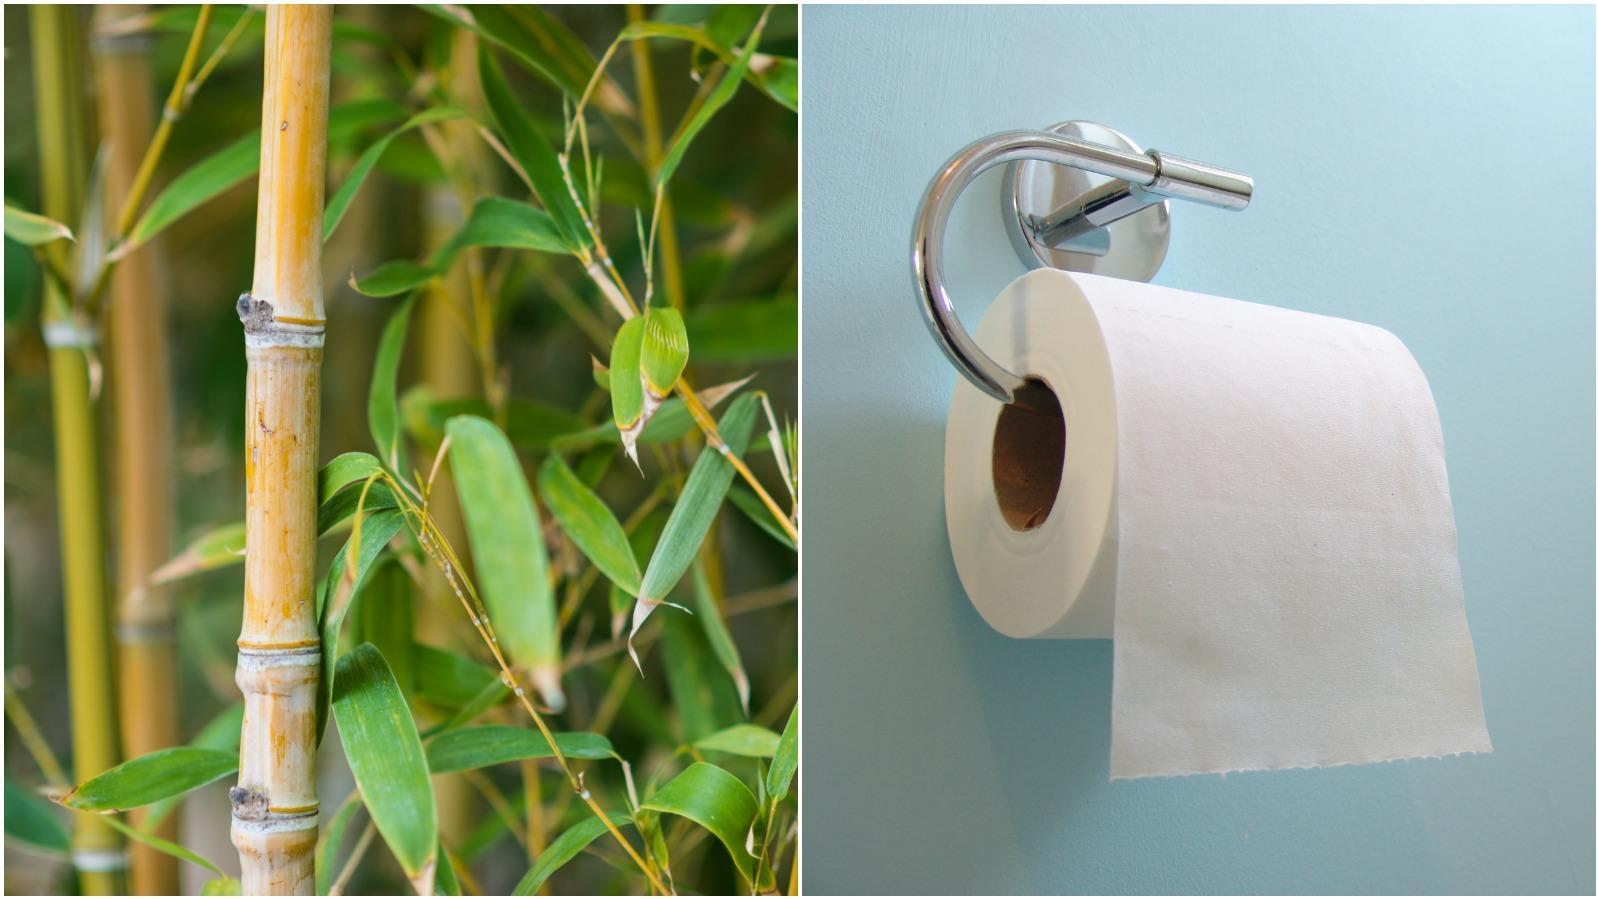 Ist Bambus-Klopapier die umweltschonendere Alternative?